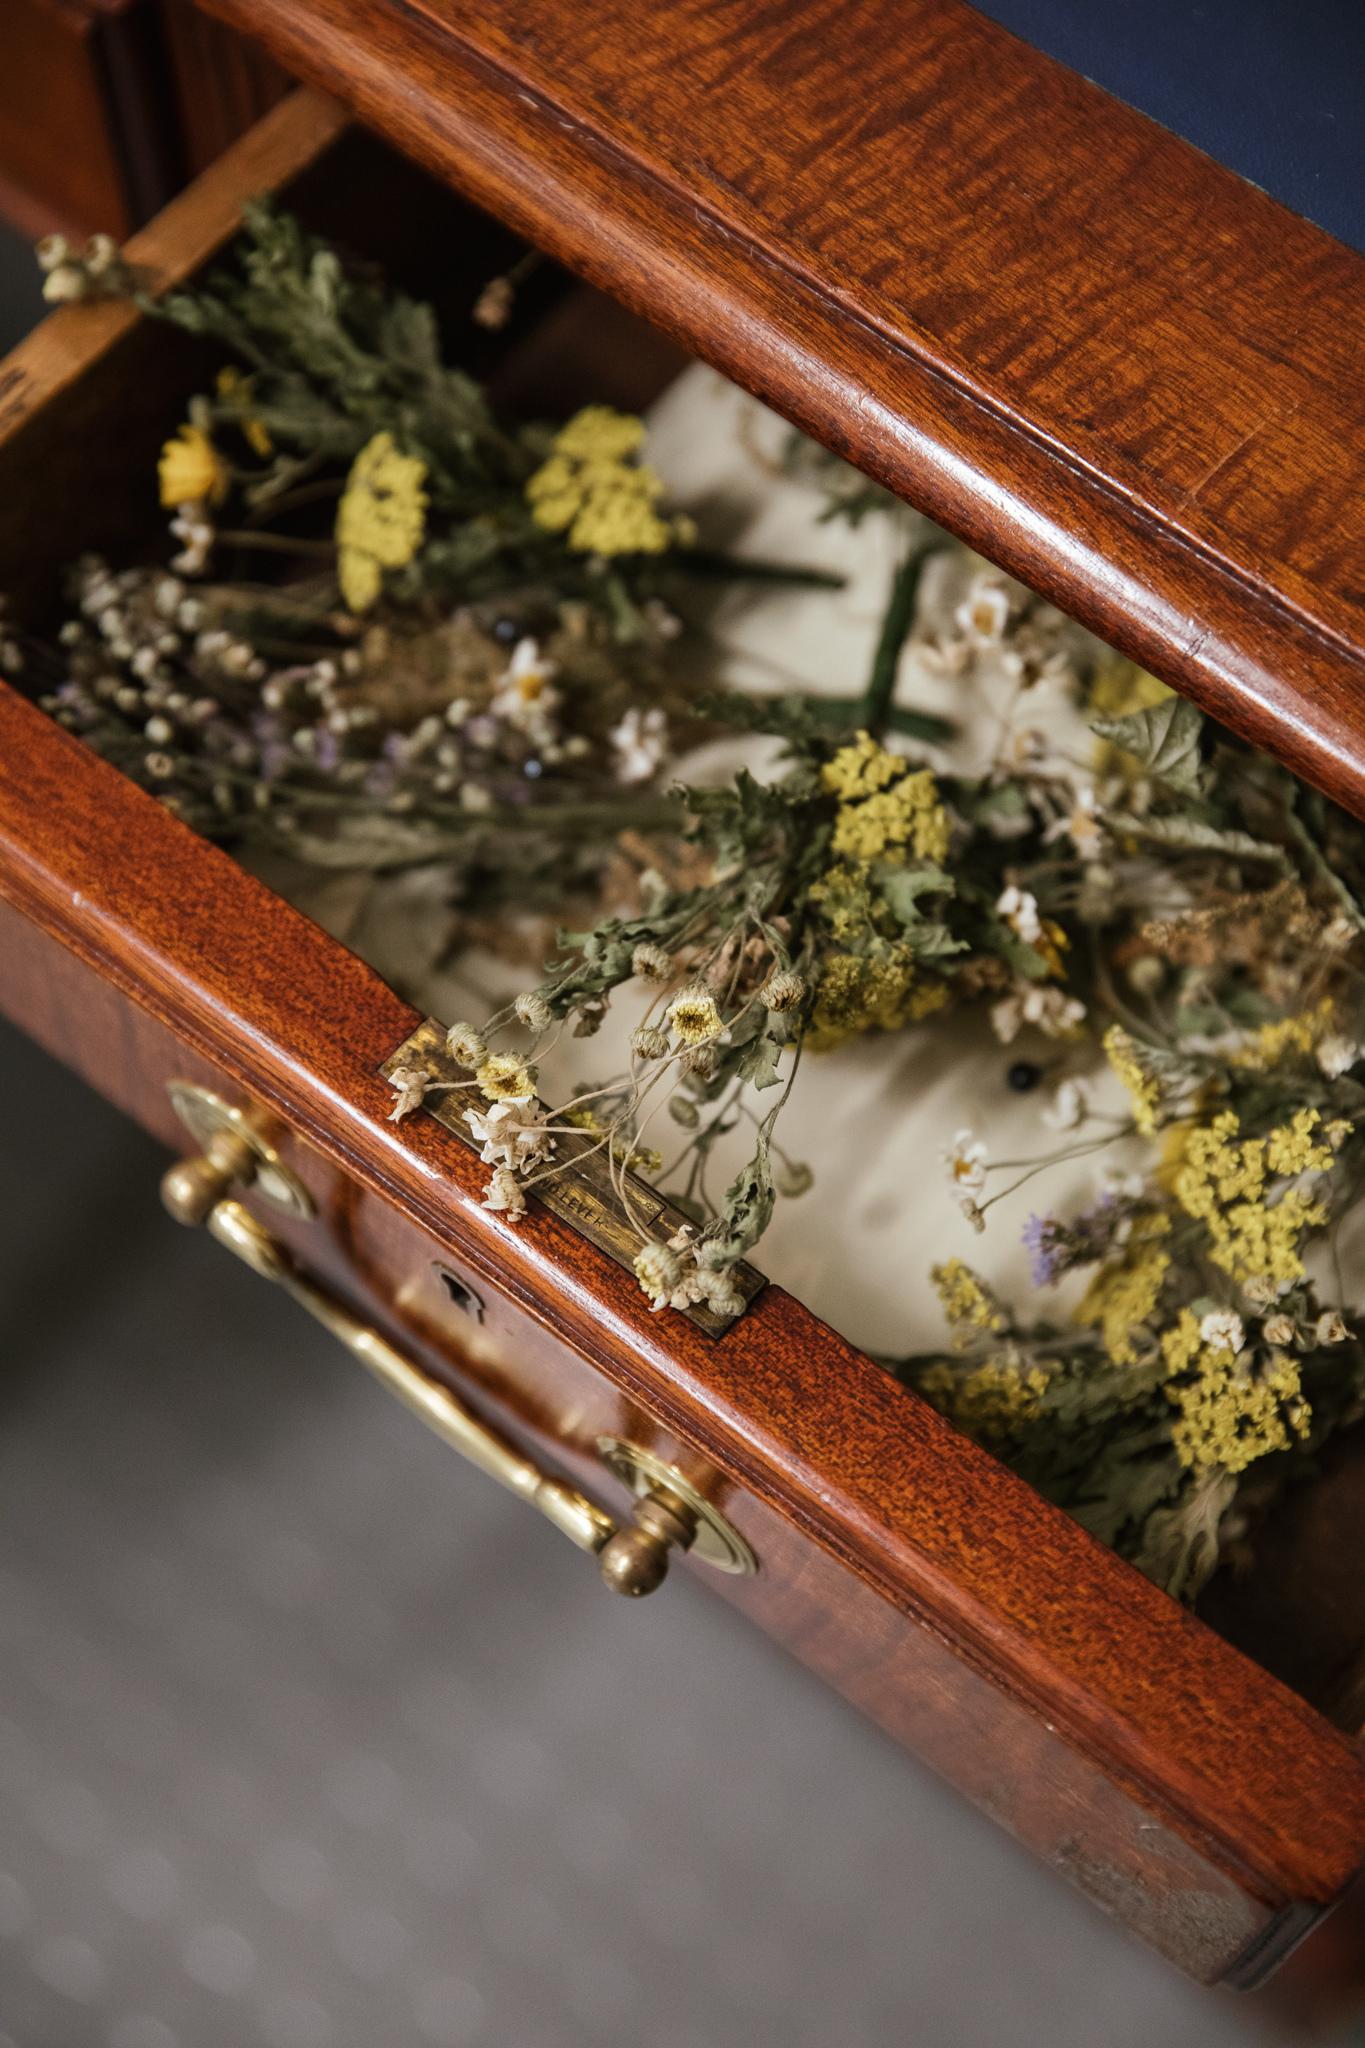 Herbarium_Joanne-Crawford-6812.JPG